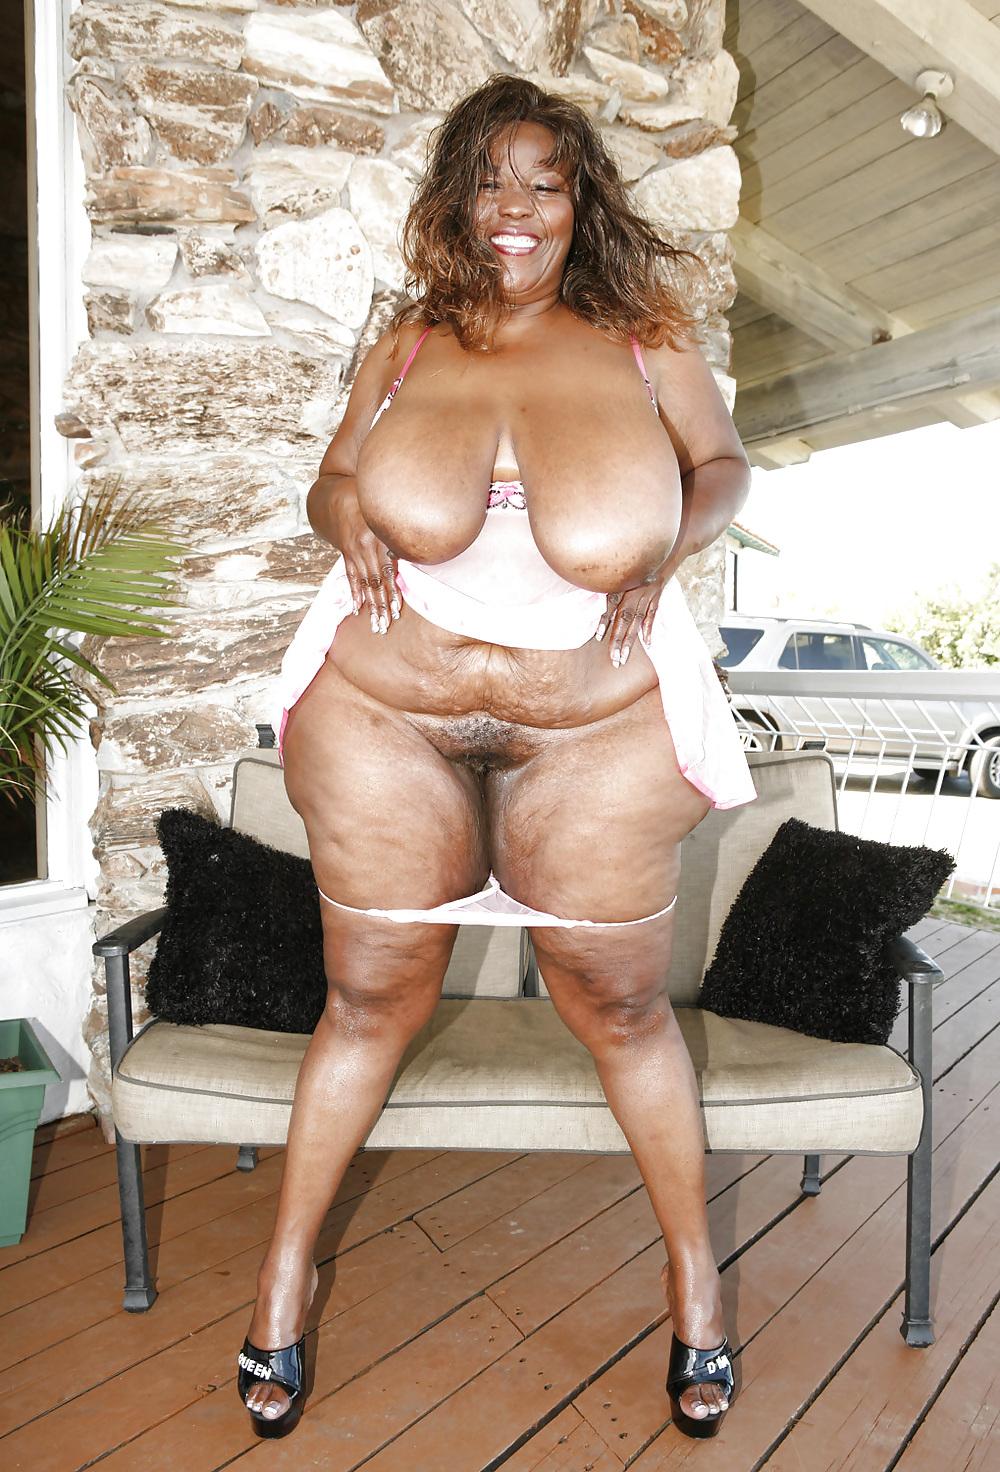 Fat boobs ebony enticing fat ebony blowjob ebony granny porn pics fat tits